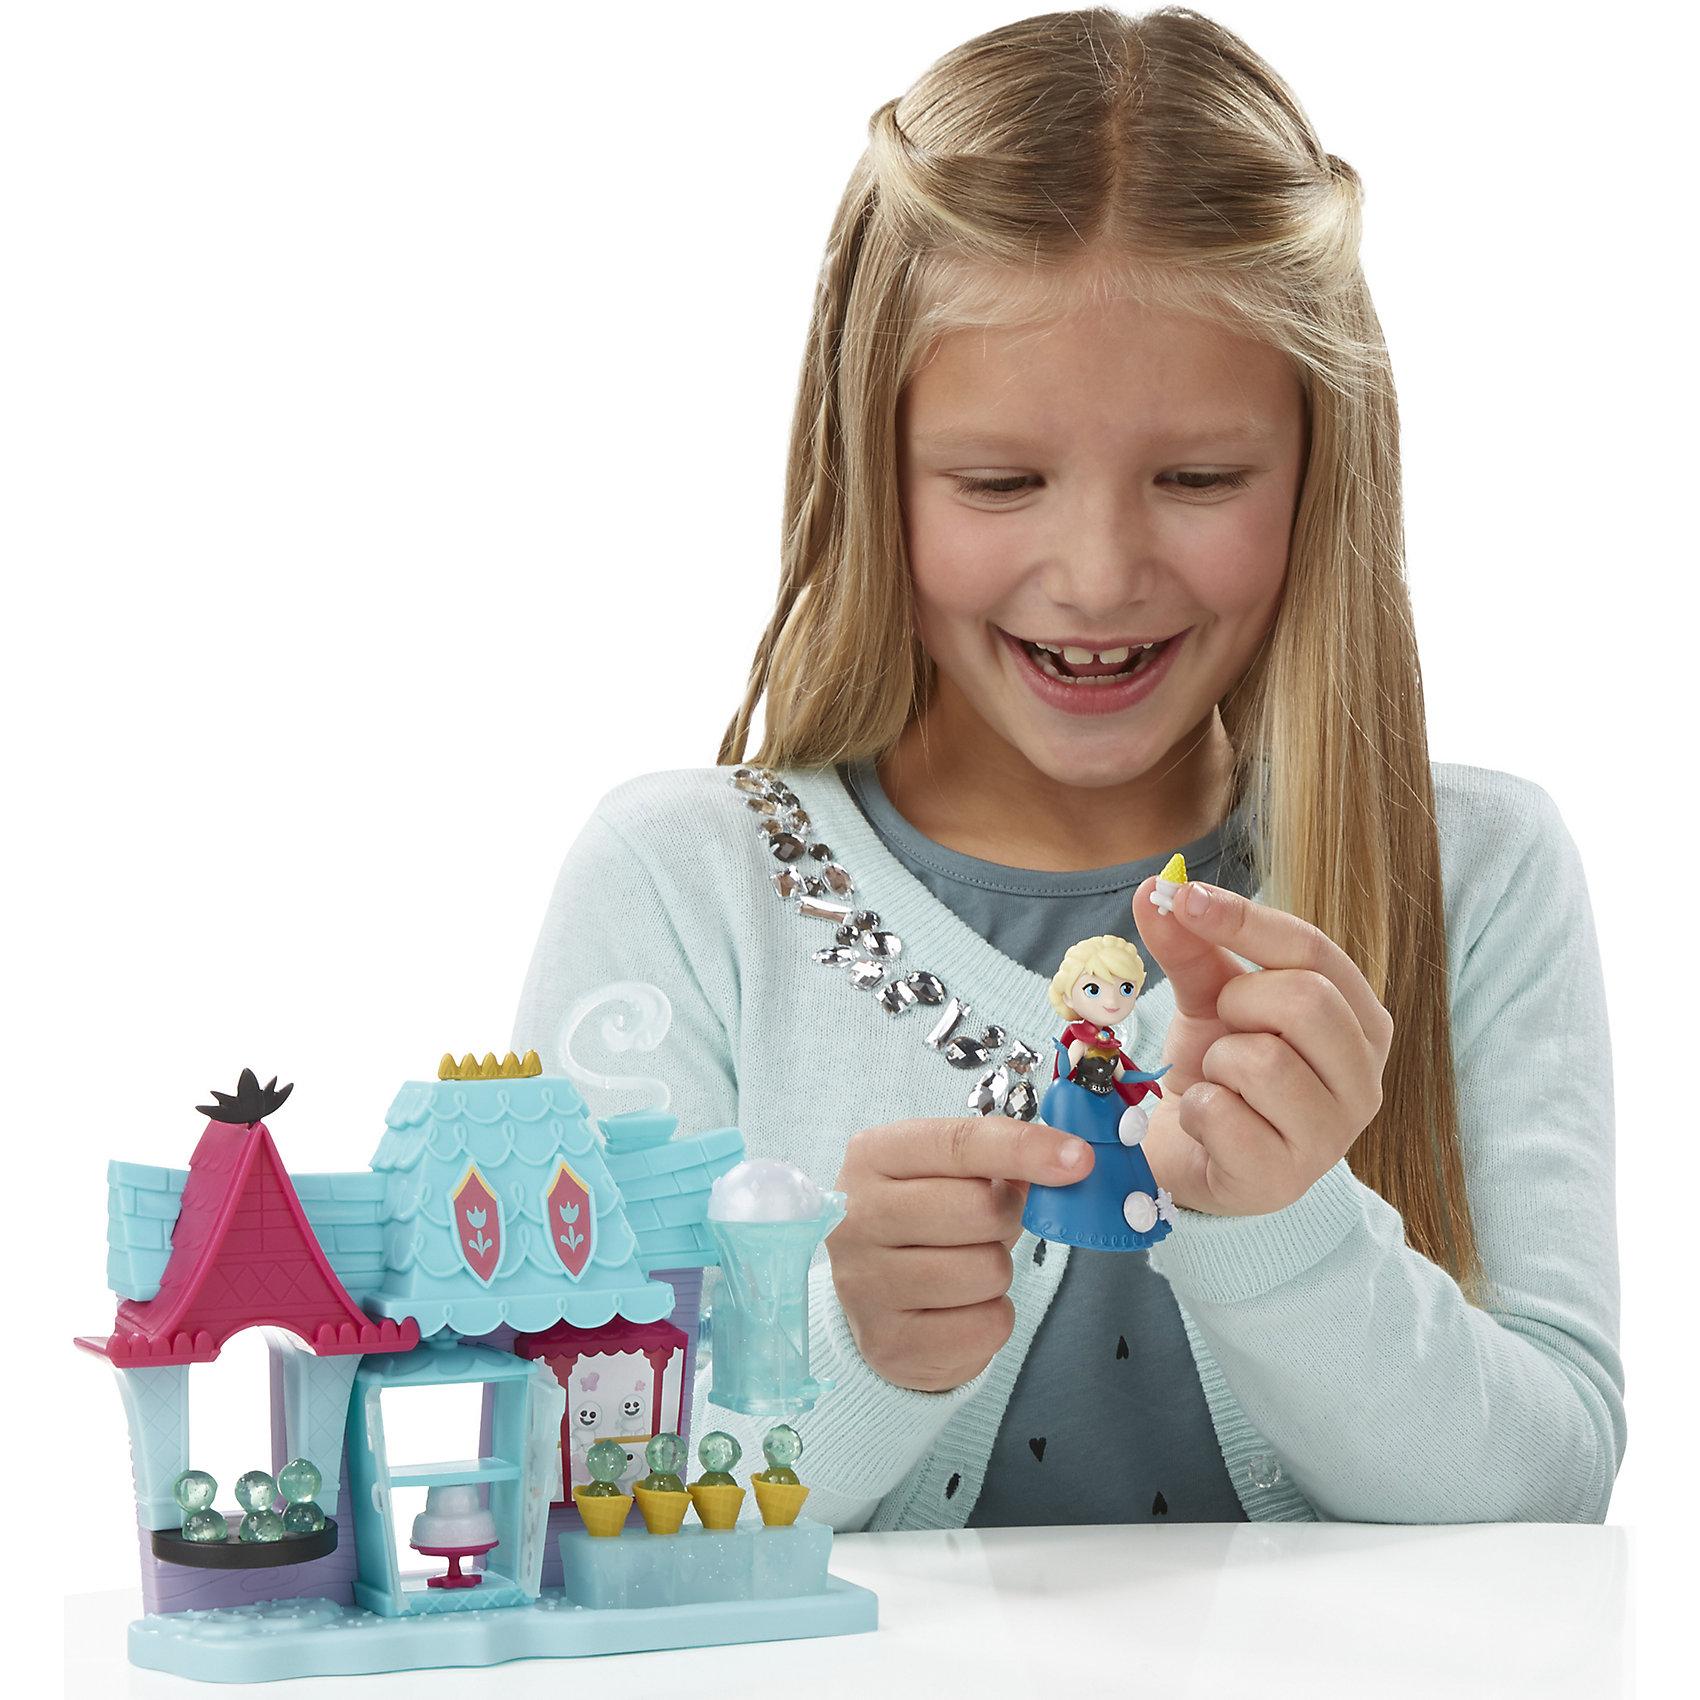 Hasbro Игровой набор Маленькие куклы Эльза и магазин сладостей,  Холодное сердце, B5194/B5195 настольные игры hasbro операция холодное сердце